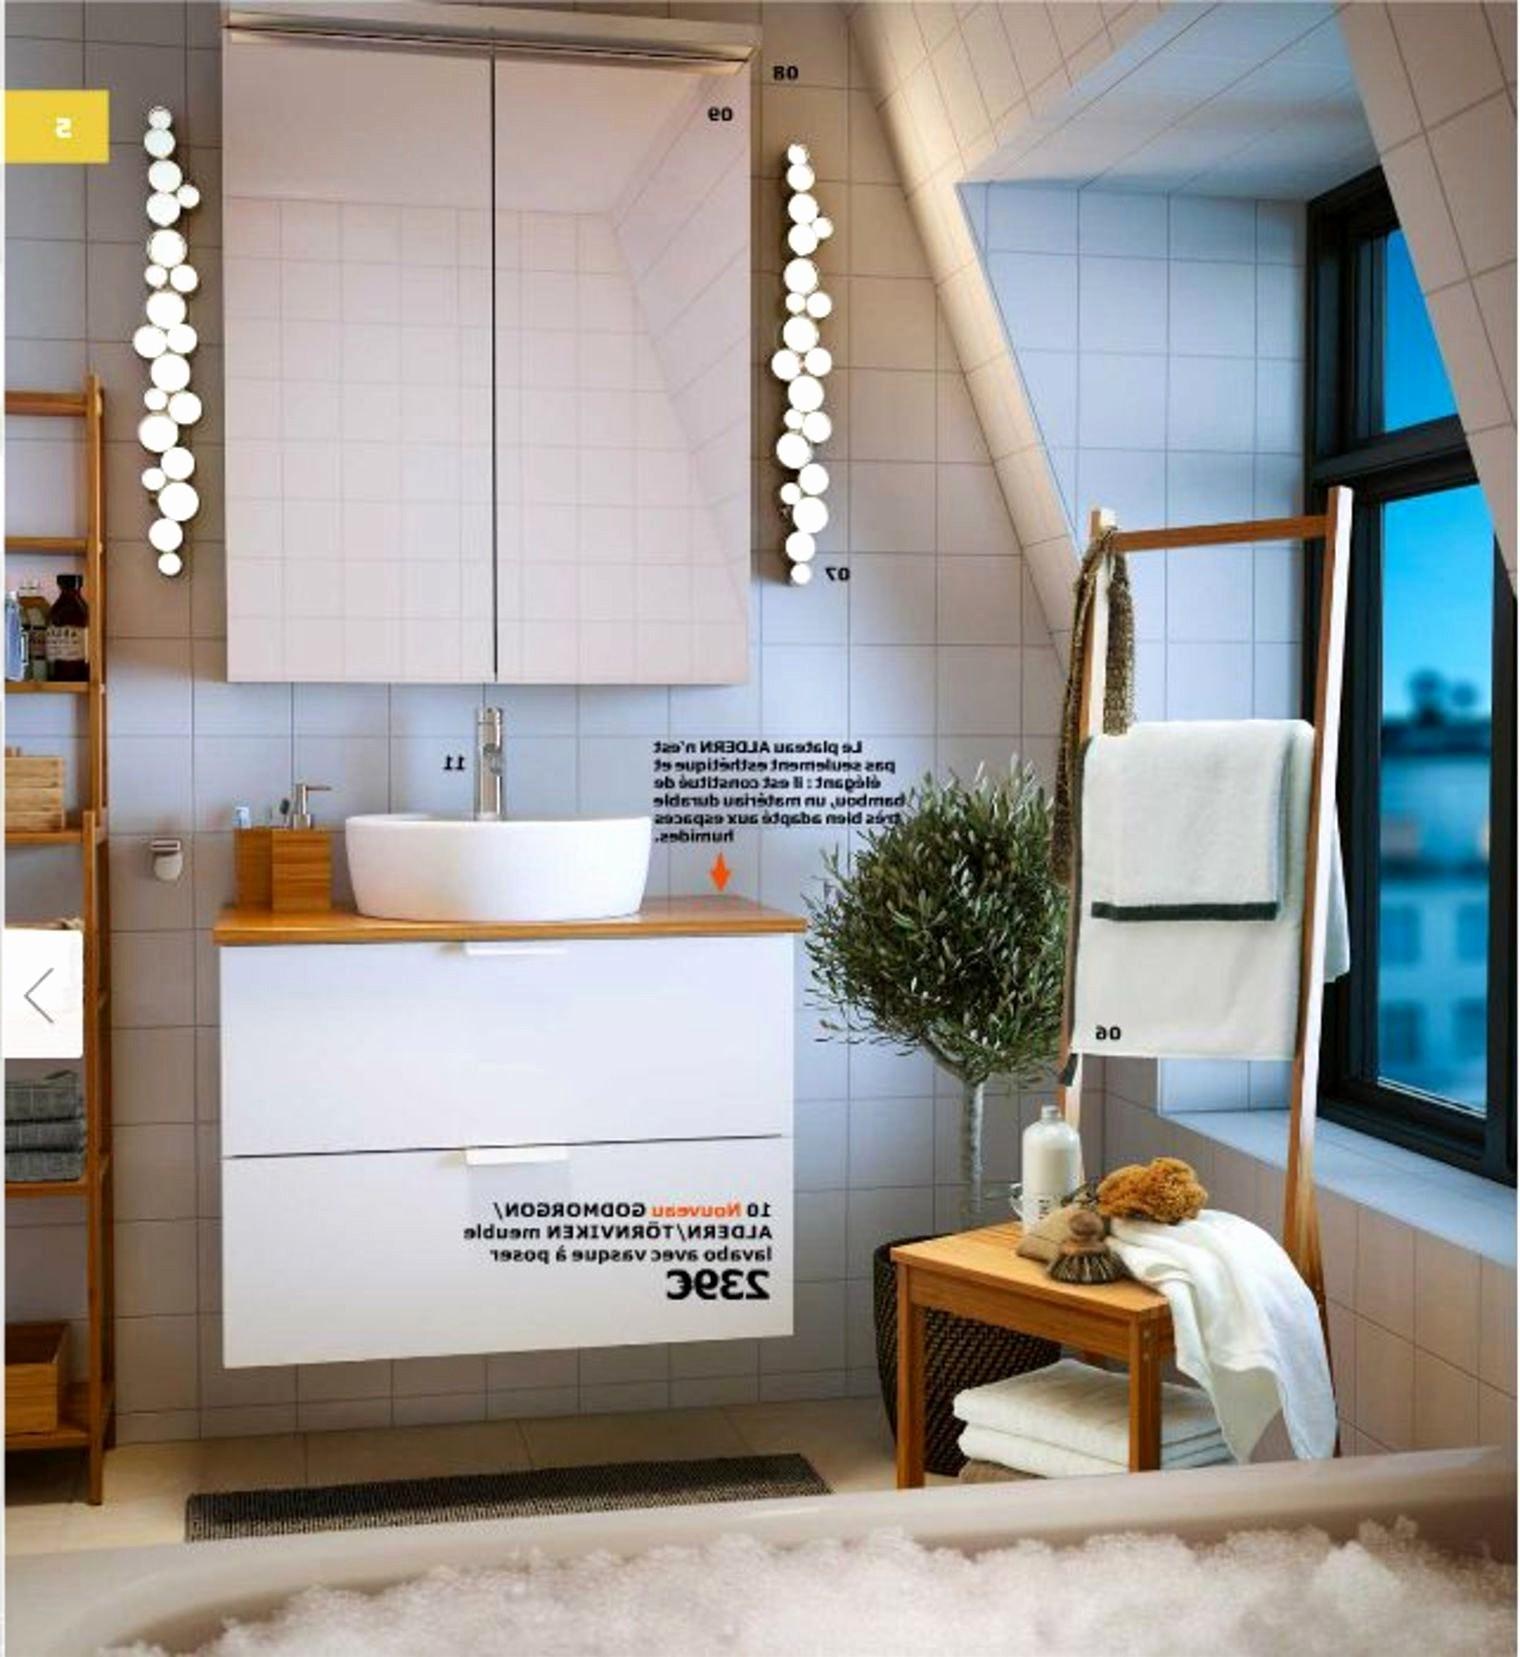 Petite Salle De Bain Ikea Luxe Photographie Ikea Etagere Salle De Bain Best Armoire Salle De Bain Ikea Beau